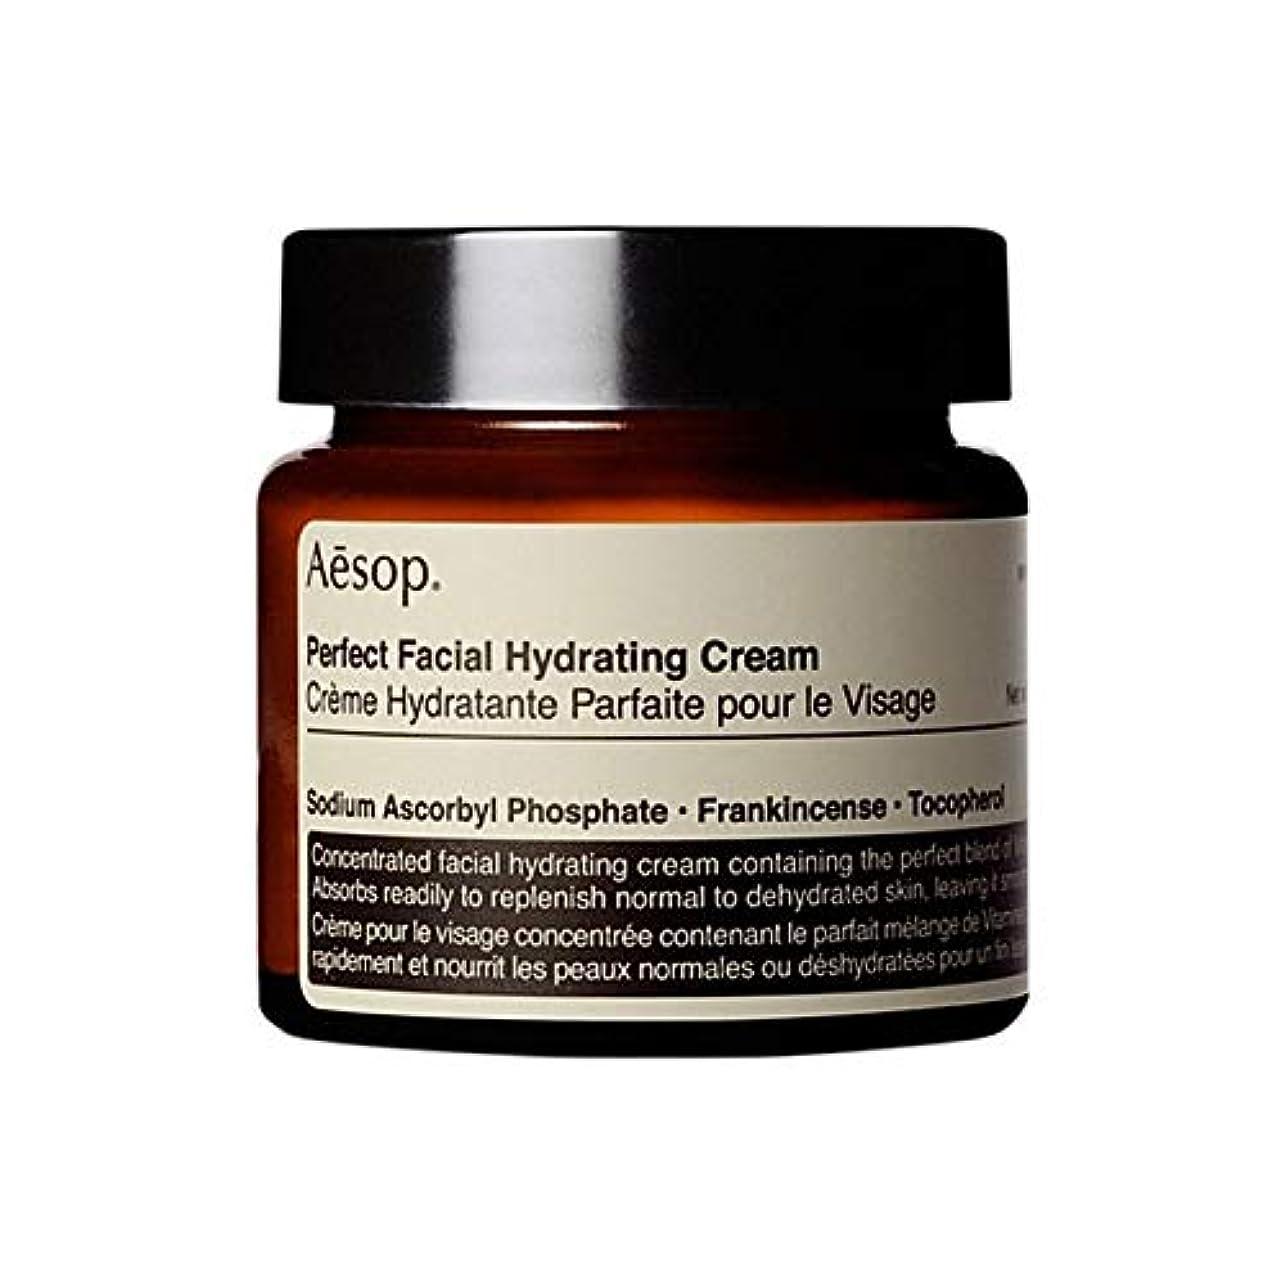 機構海峡ひも明らか[Aesop] イソップ完璧な顔の水和クリーム60ミリリットル - Aesop Perfect Facial Hydrating Cream 60ml [並行輸入品]